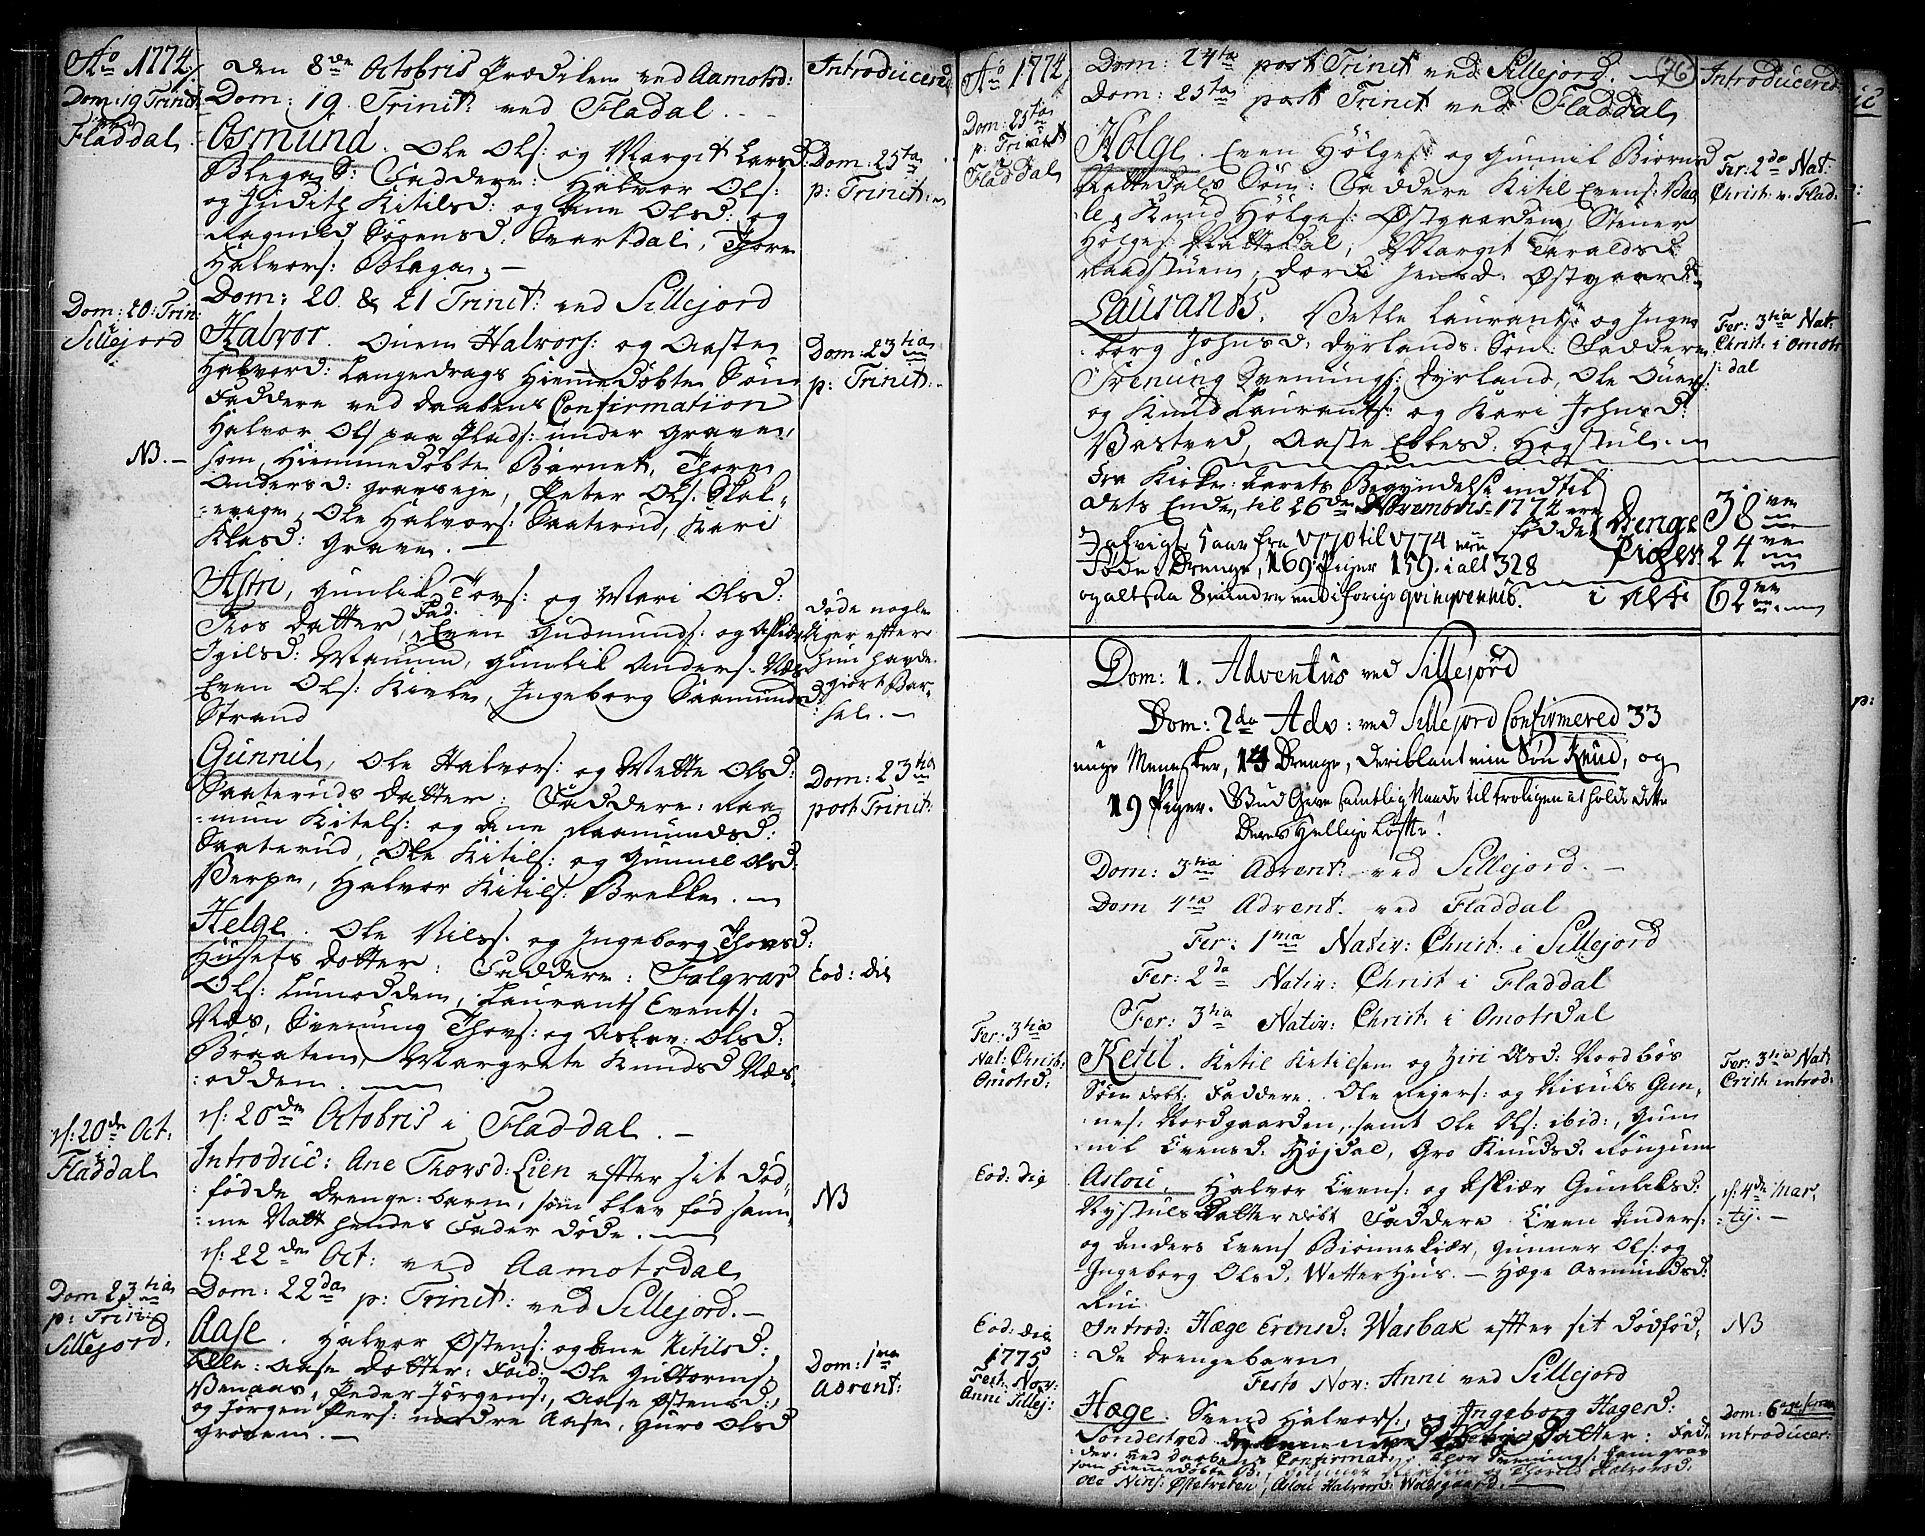 SAKO, Seljord kirkebøker, F/Fa/L0007: Ministerialbok nr. I 7, 1755-1800, s. 76